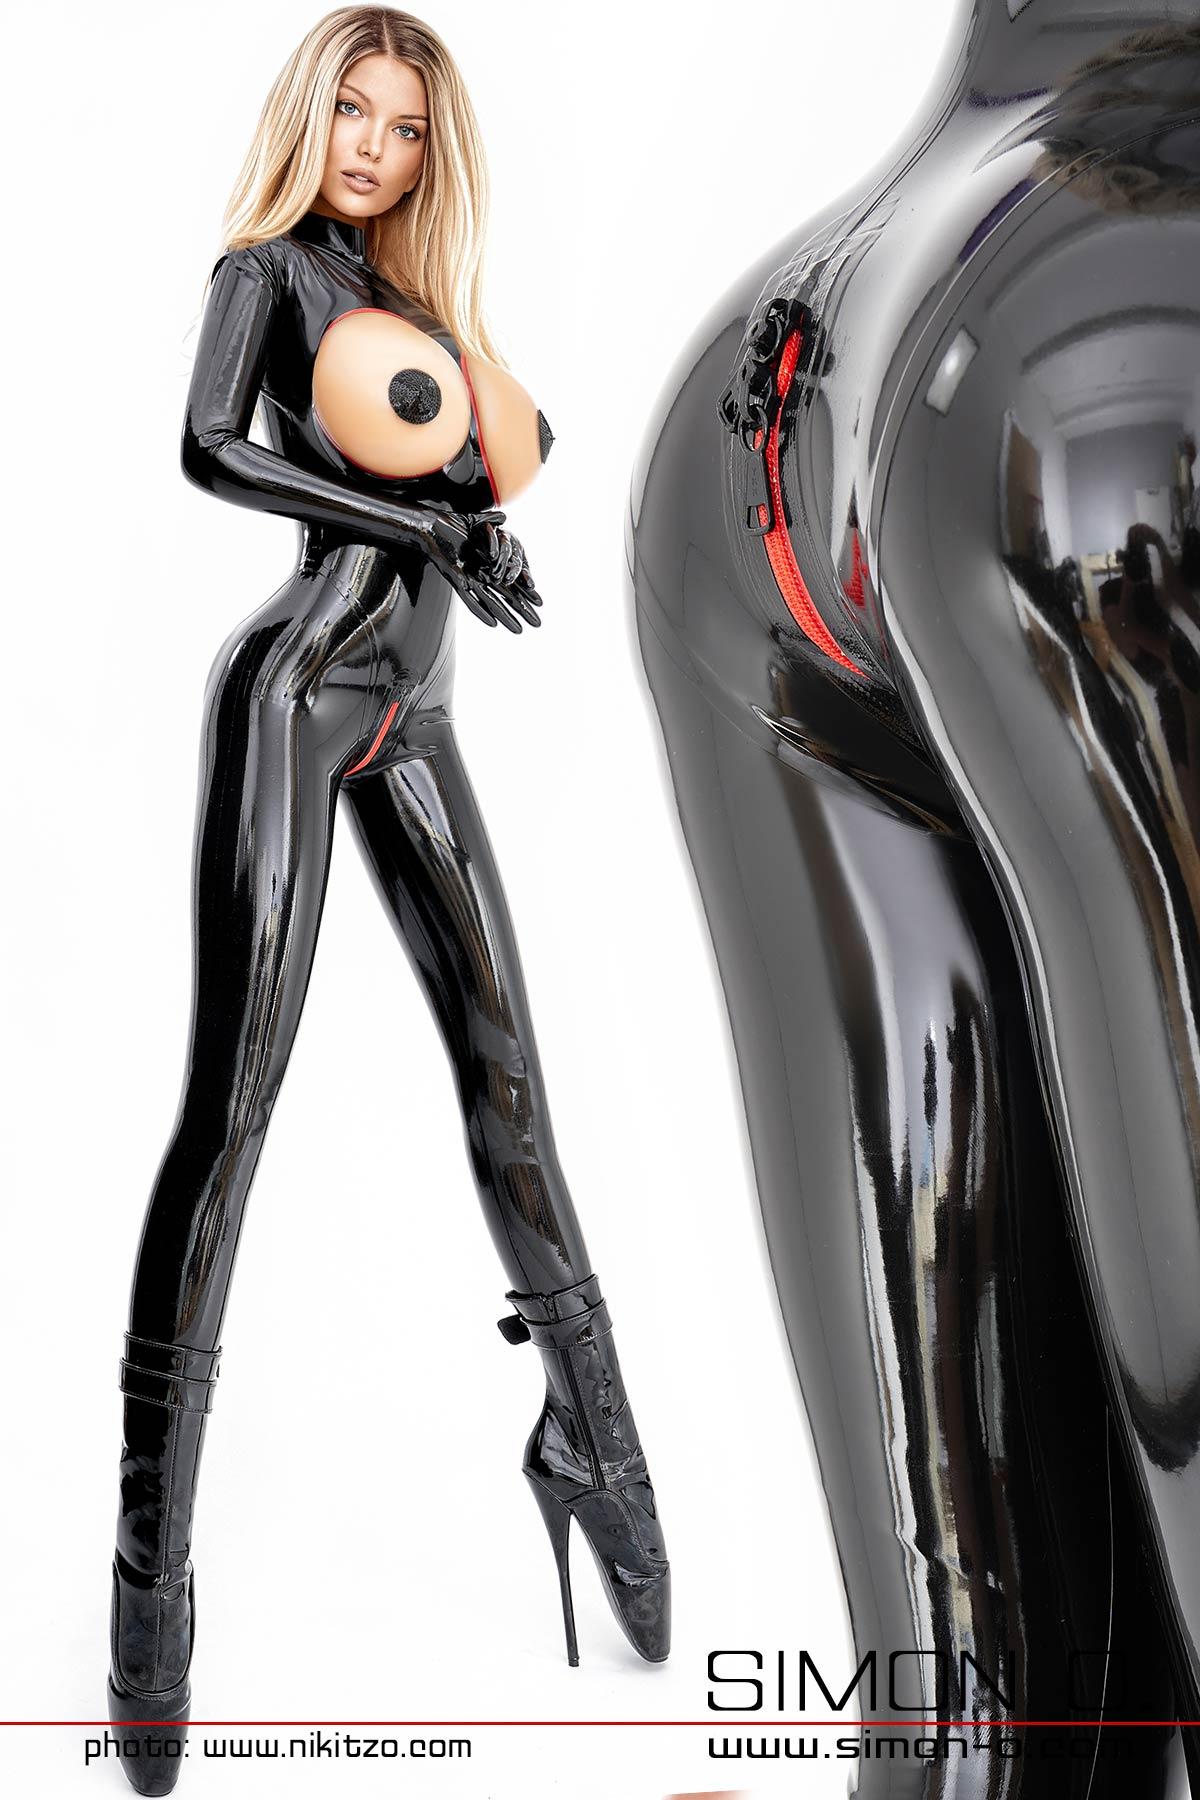 Schwarzer Latex Catsuit mit rot umrandeten Öffnungen im Brustbereich und abschließbarem Zipp im Schritt.